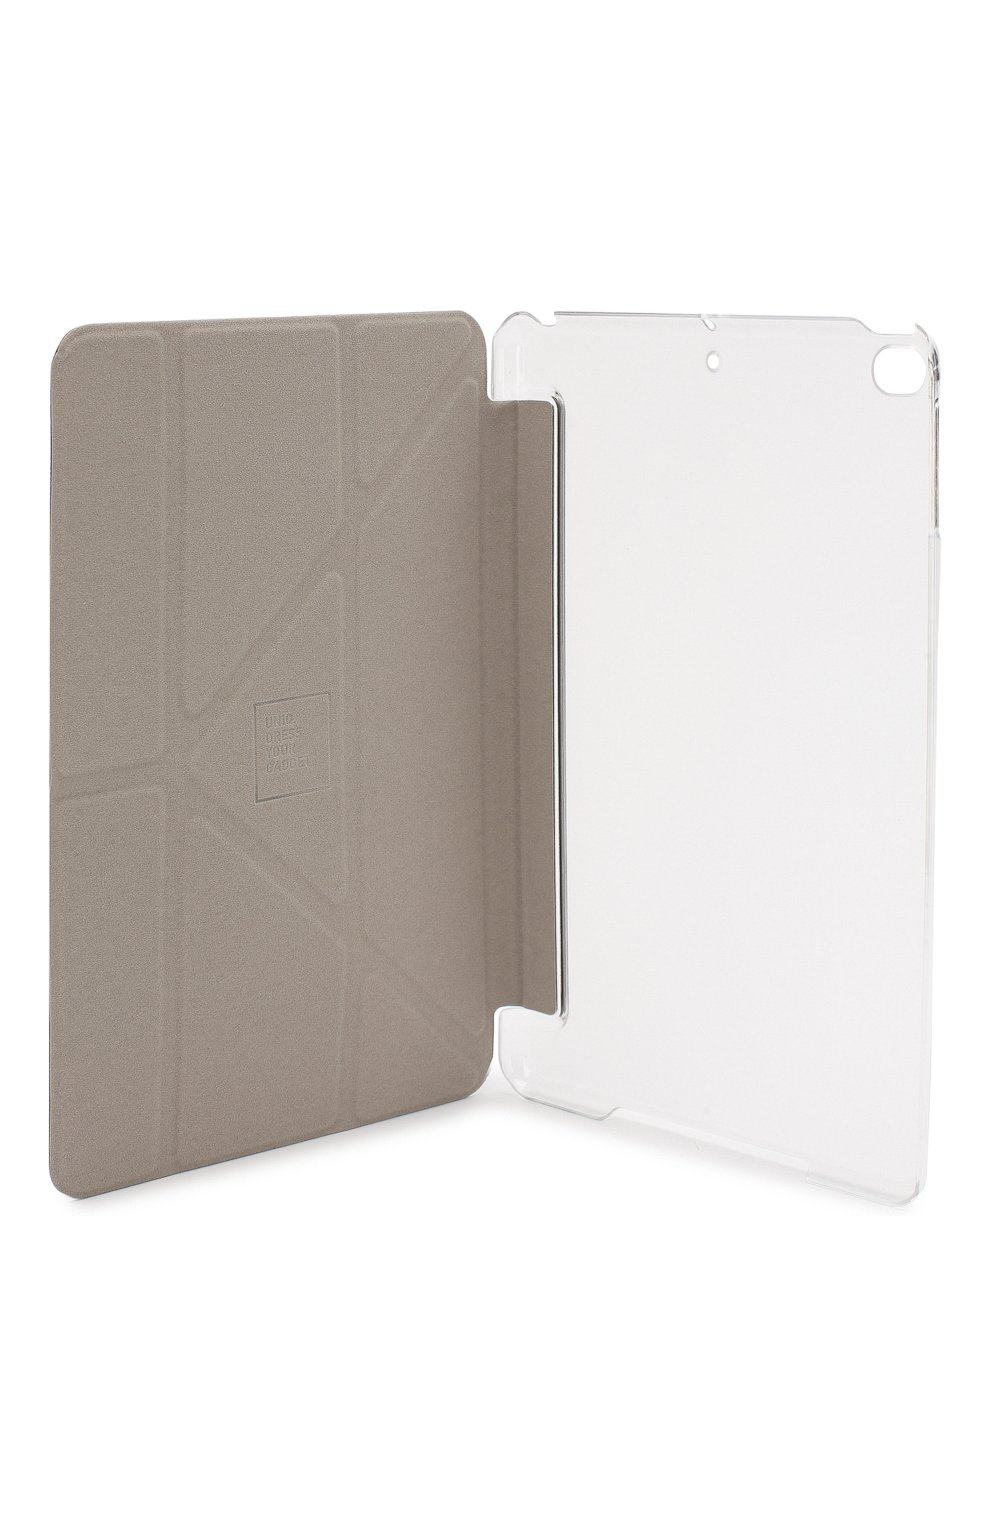 Мужской чехол для ipad mini 5 UNIQ бежевого цвета, арт. PDM5YKR-KNVBEG | Фото 3